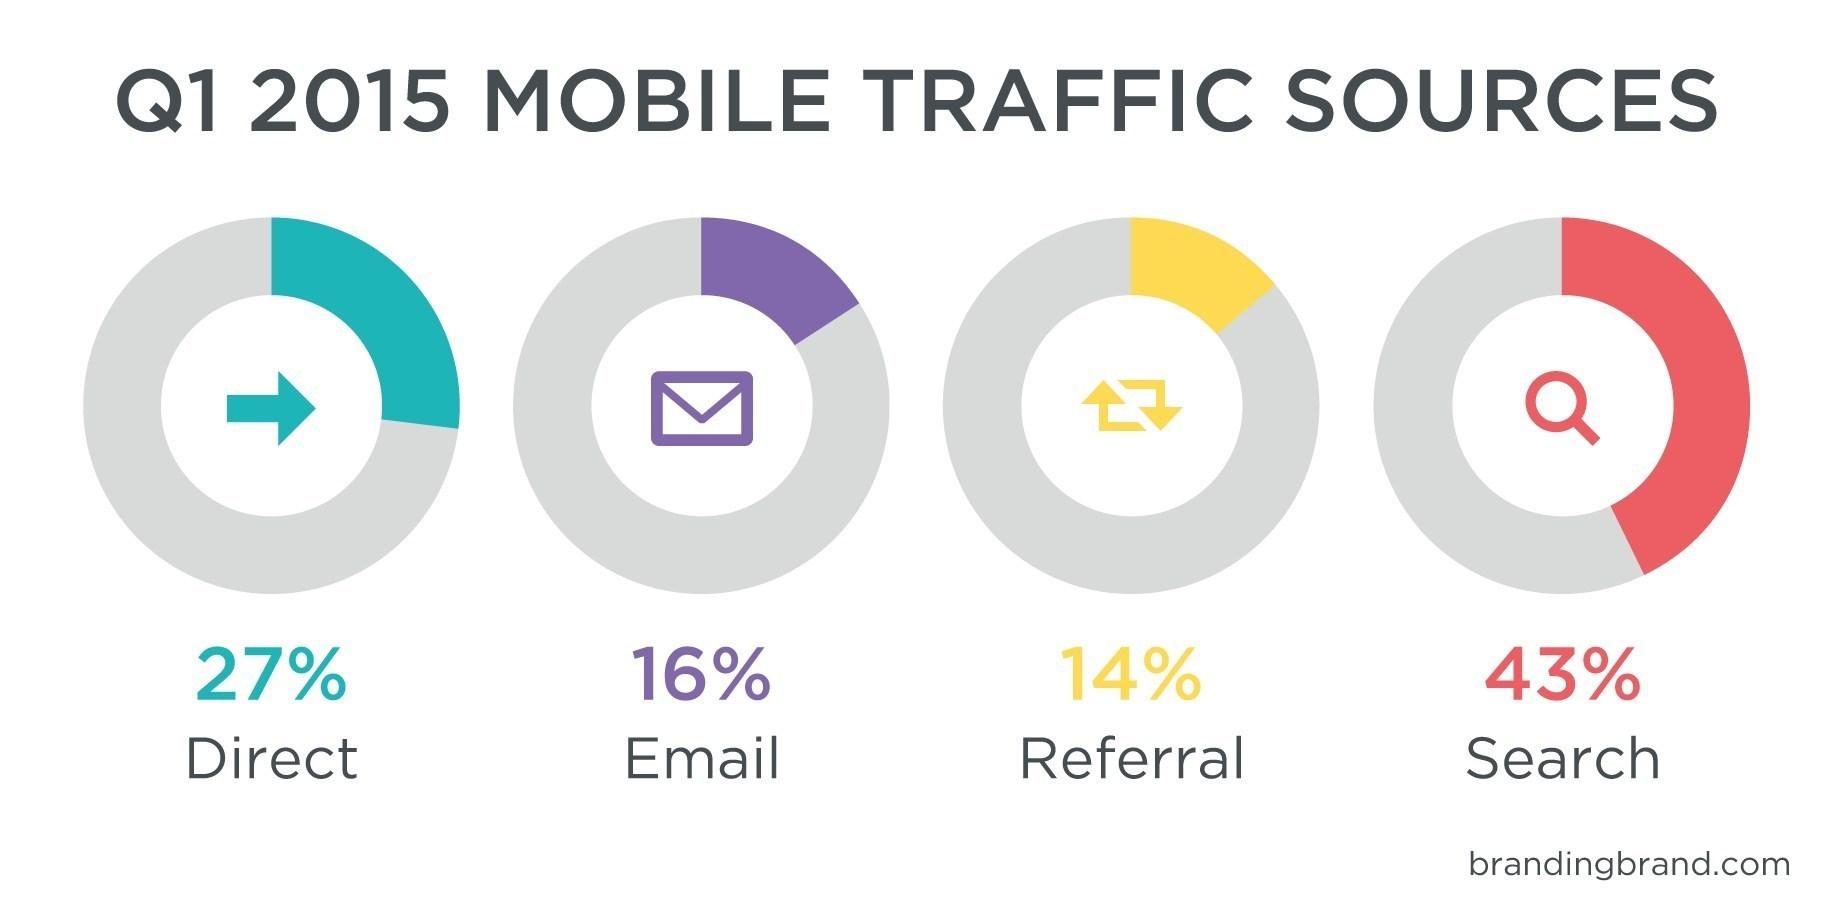 Fuentes de tráfico desde el Smartphone durante Q1 2015 - Fuente: Branding Brand's Mobile Commerce Index